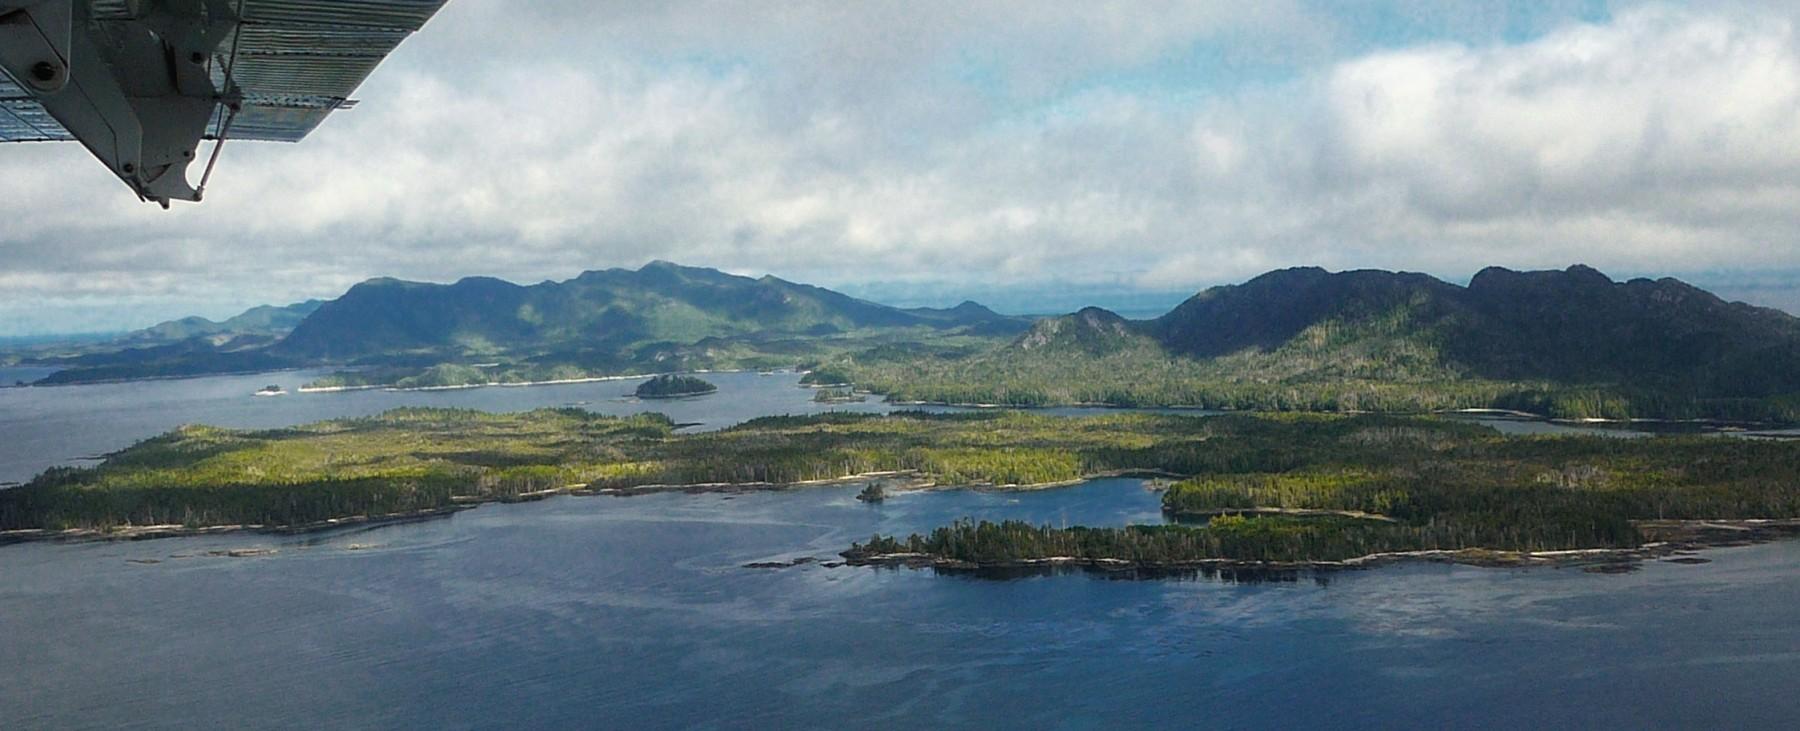 Porcher Island (BC)